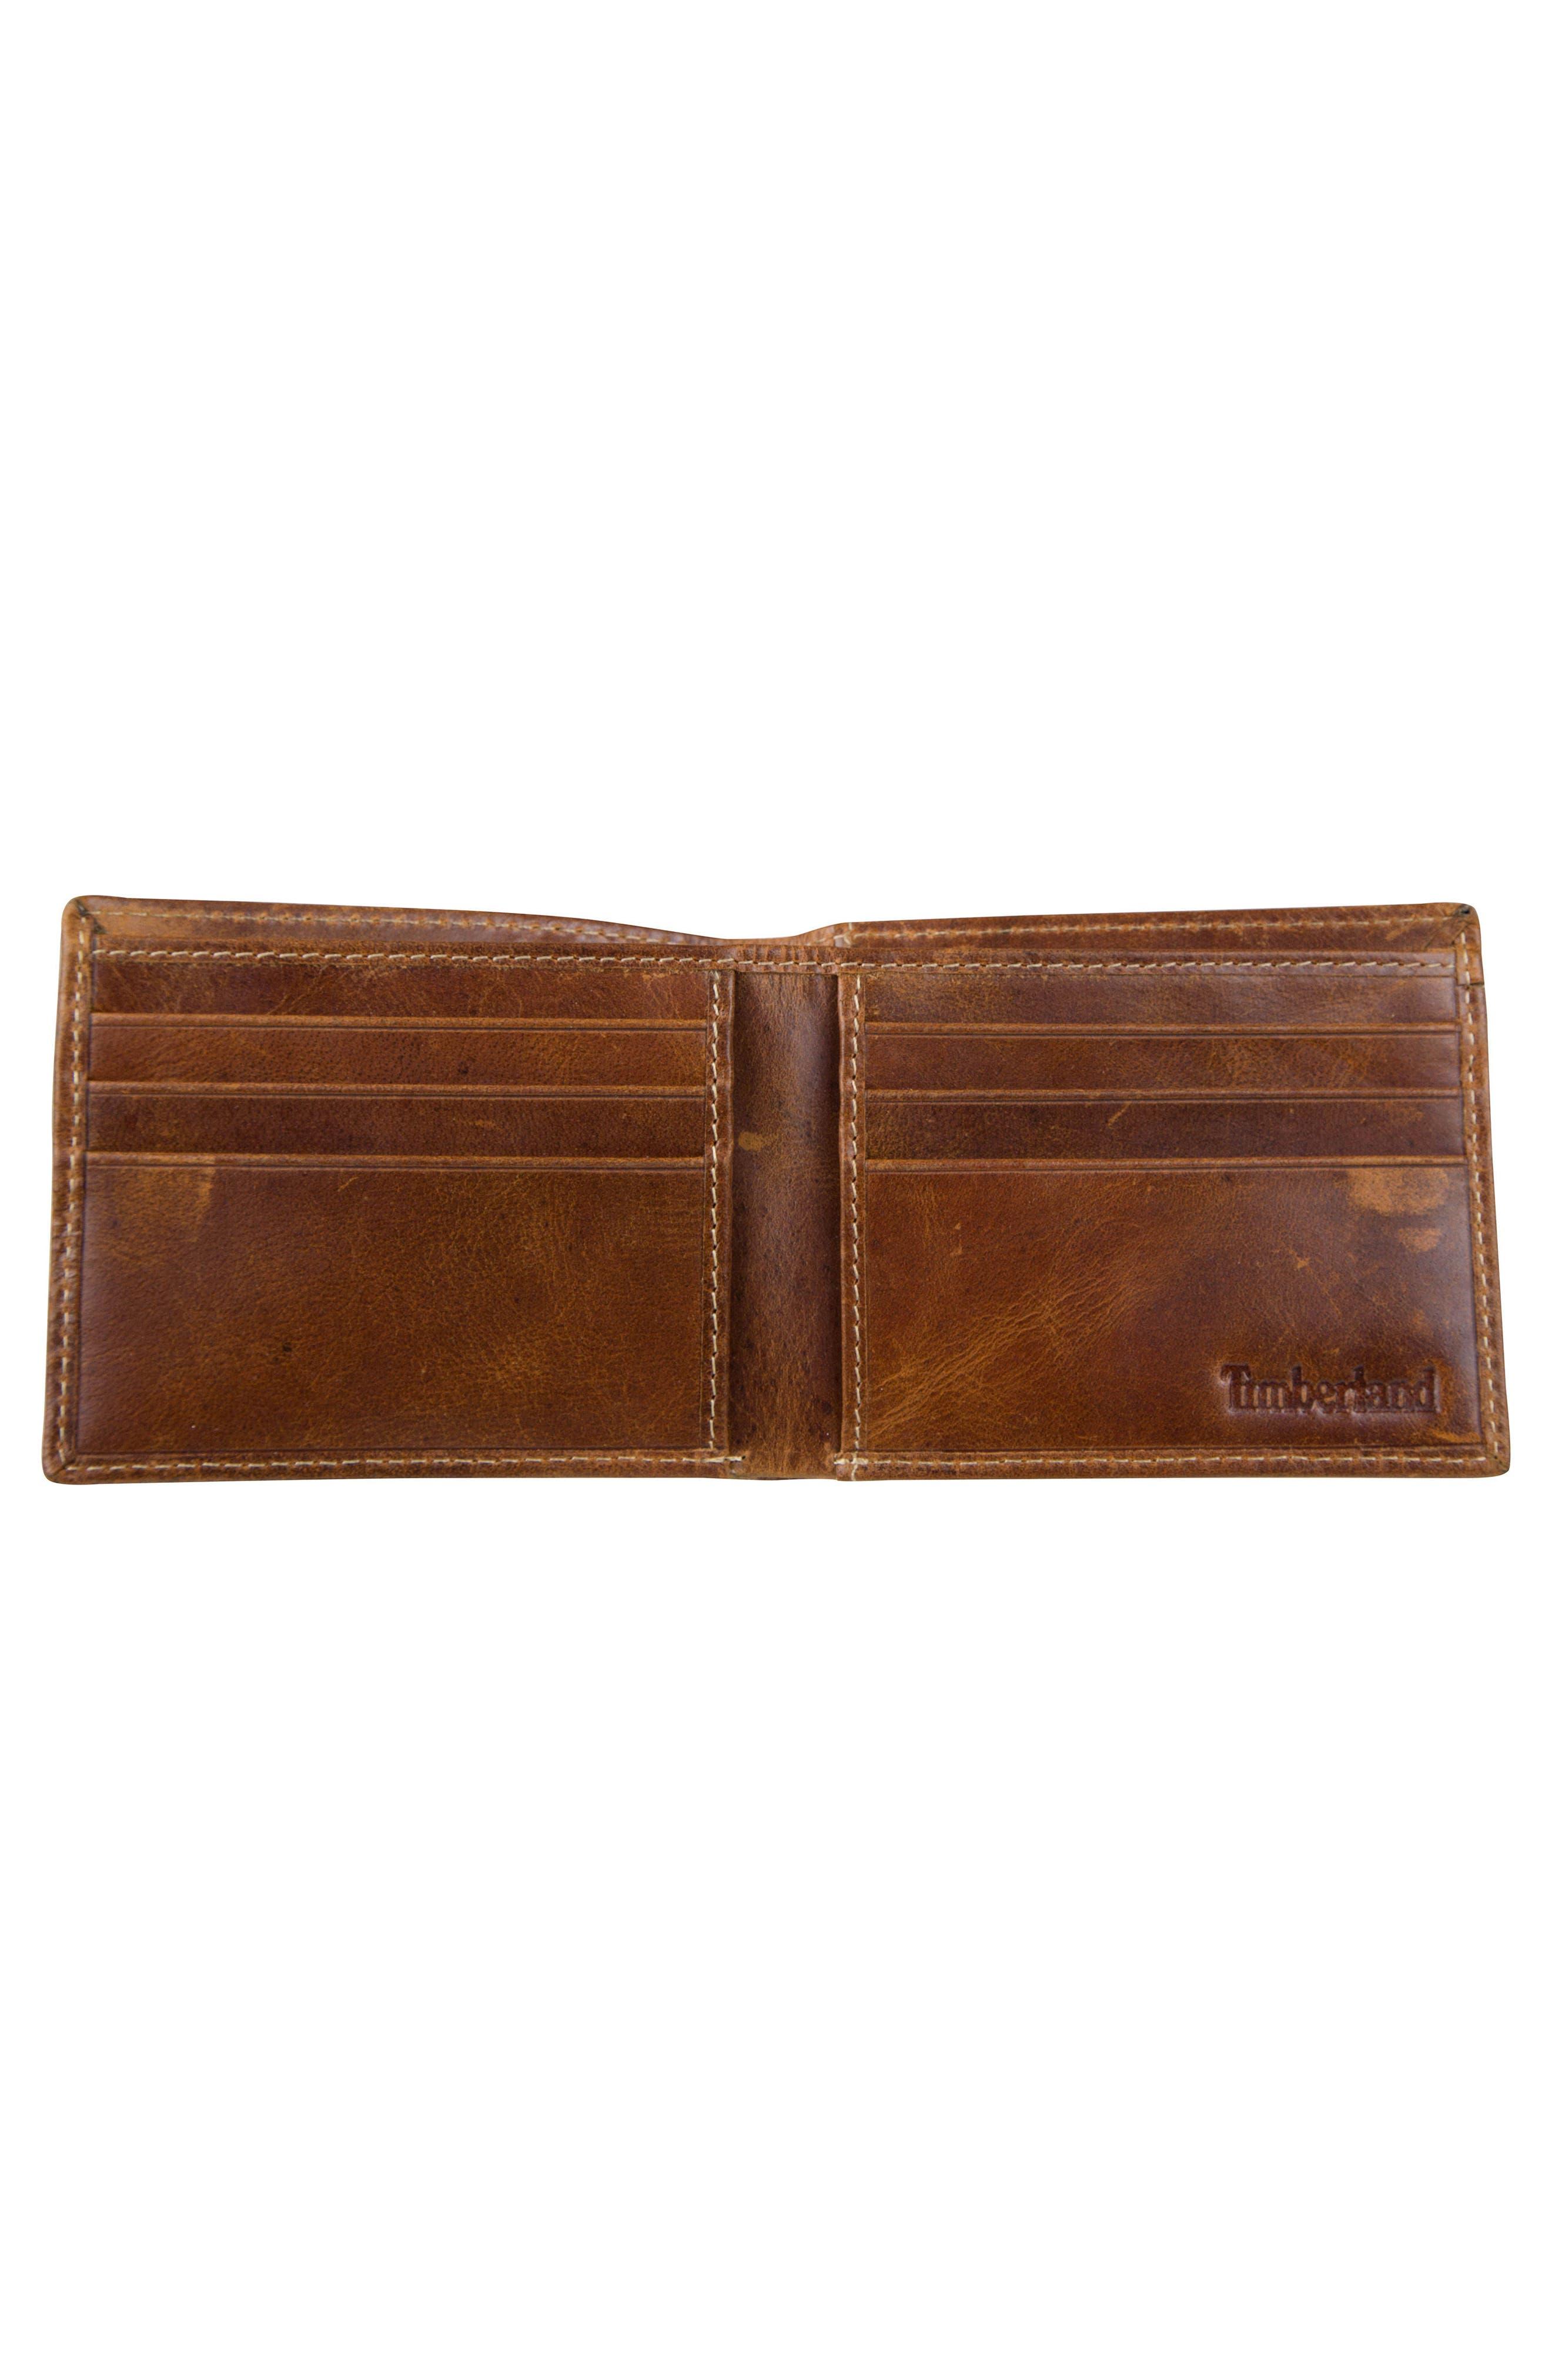 Leather Wallet,                             Alternate thumbnail 2, color,                             Cognac